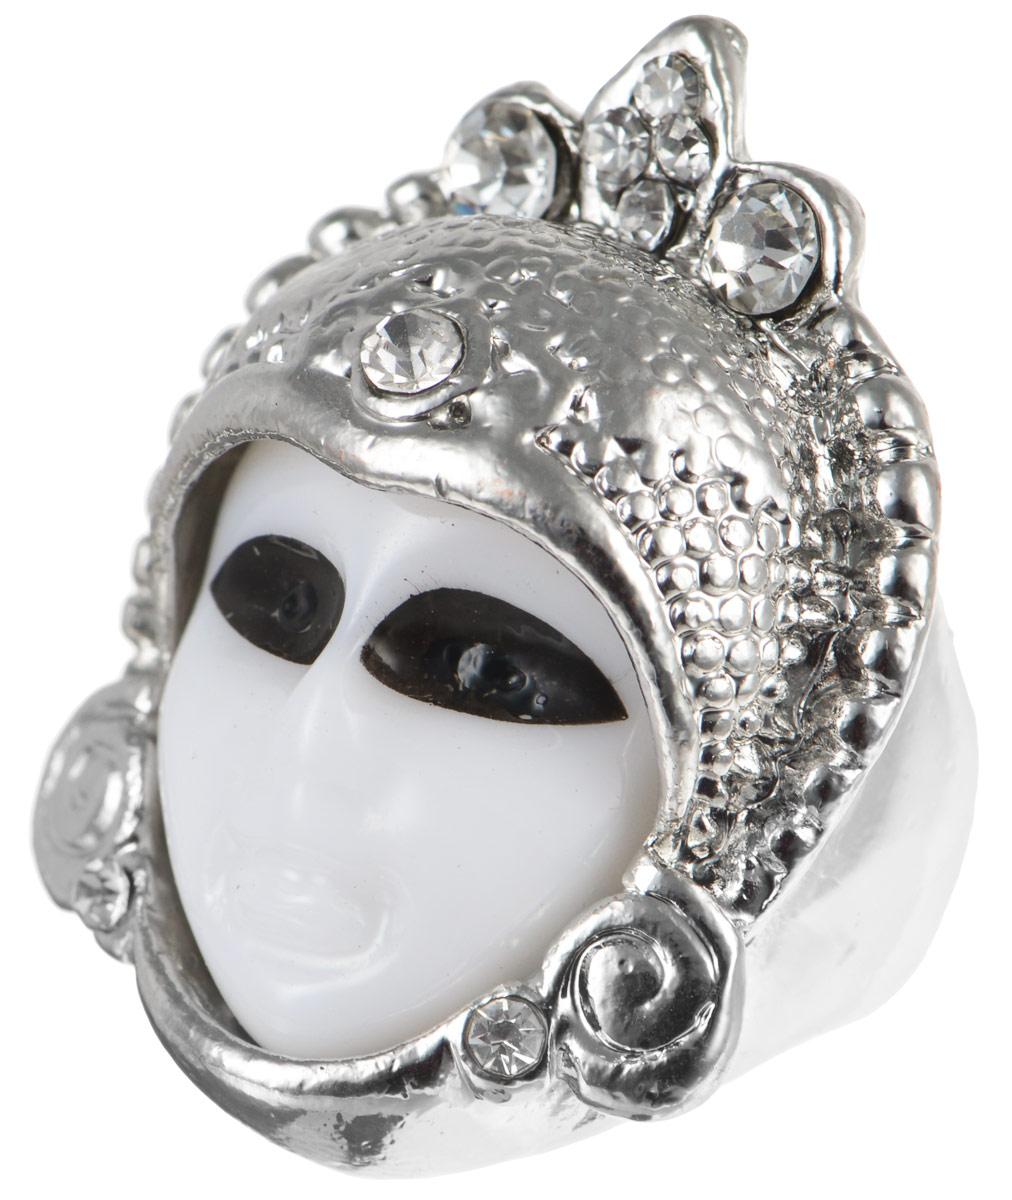 Кольцо YusliQ. Ручная авторская работа. 26-020Коктейльное кольцоАвторское кольцо ручной работы YusliQ выполнено из металла в виде маски и оформлено стразами. Такое кольцо это блестящее завершение вашего неповторимого и смелого образа и отличный подарок для ценительницы необычных украшений!